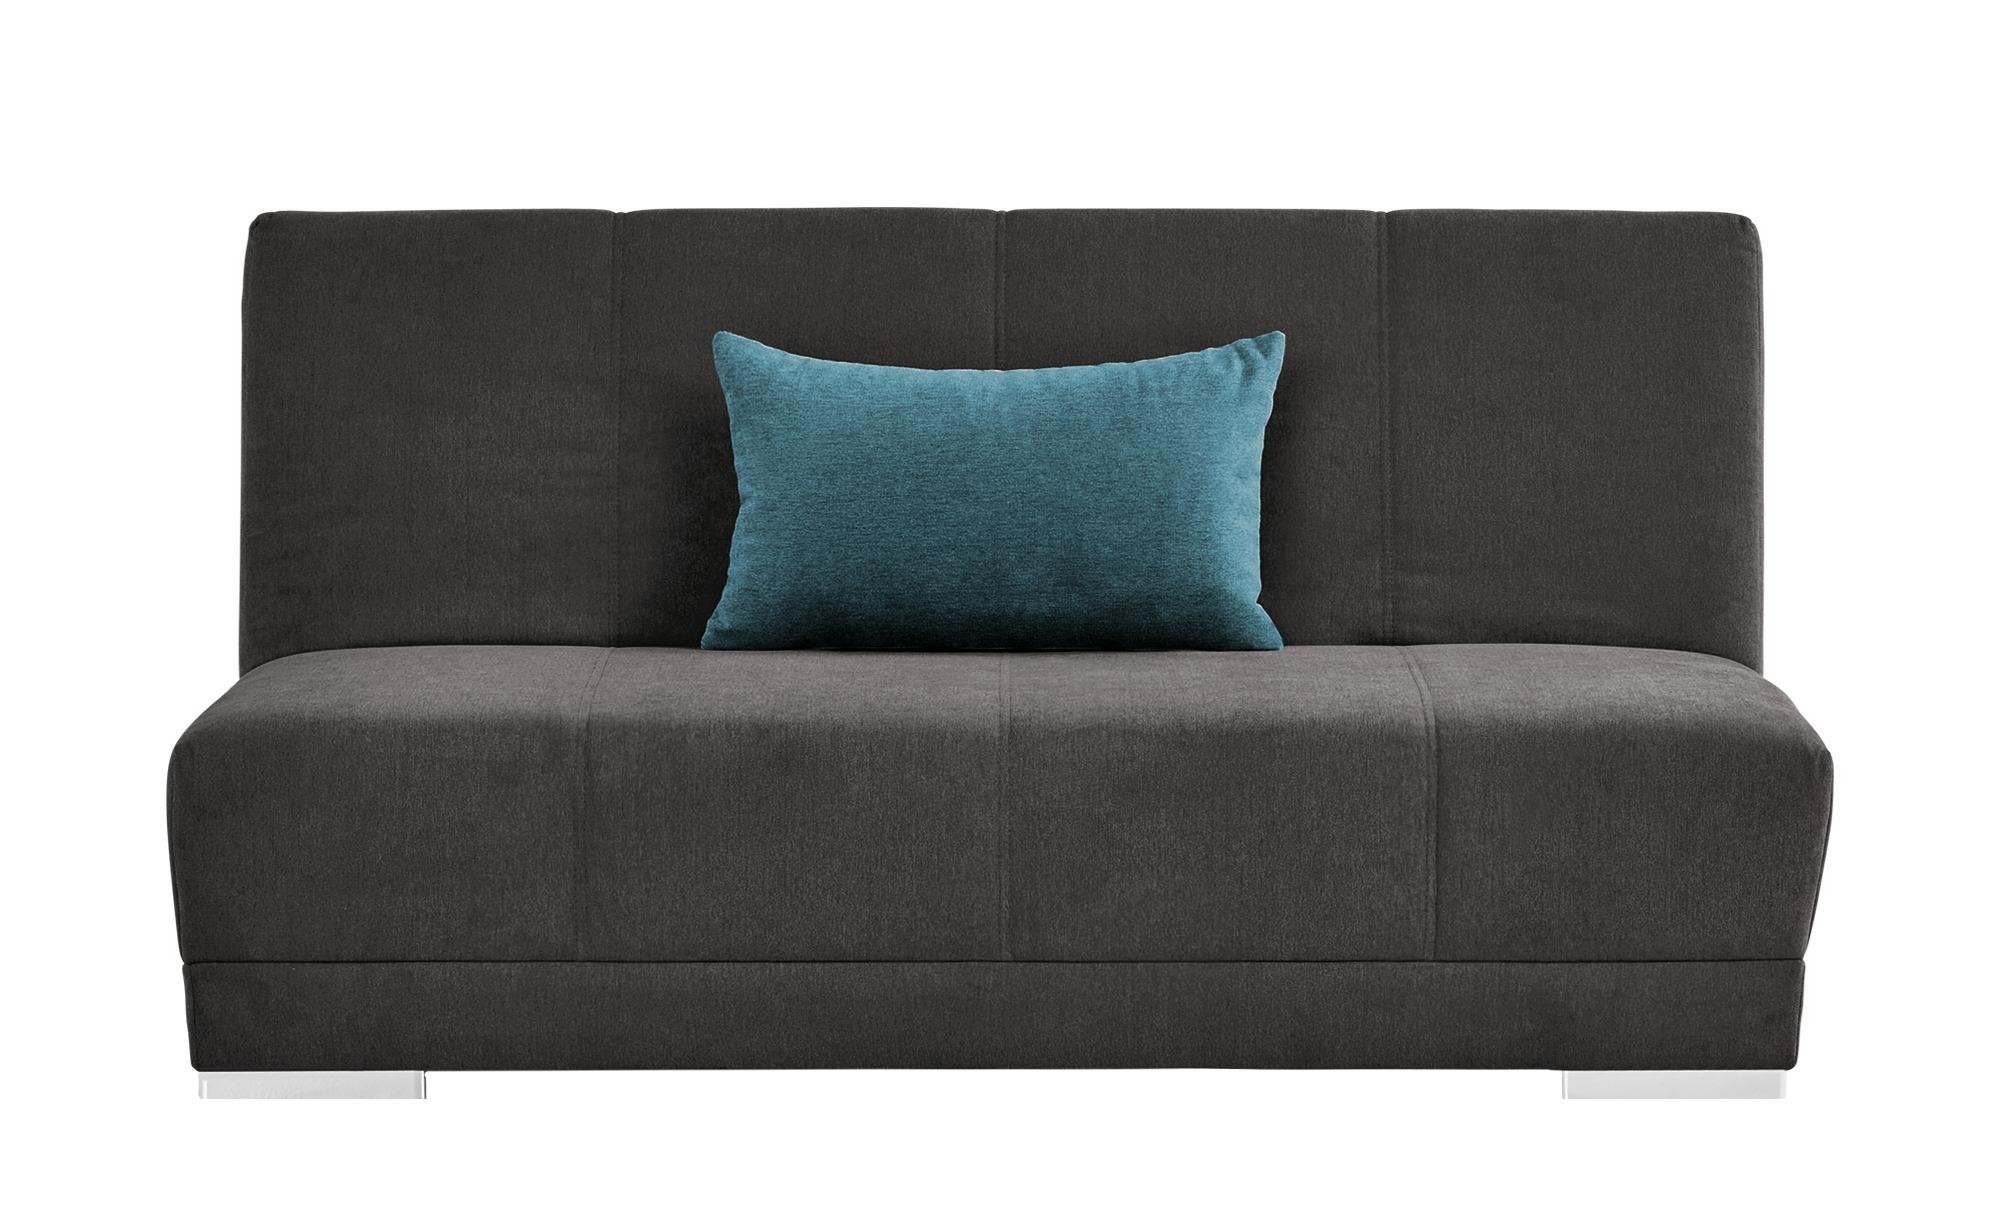 smart schlafsofa emmelie breite 140 cm h he 86 cm grau online kaufen bei woonio. Black Bedroom Furniture Sets. Home Design Ideas